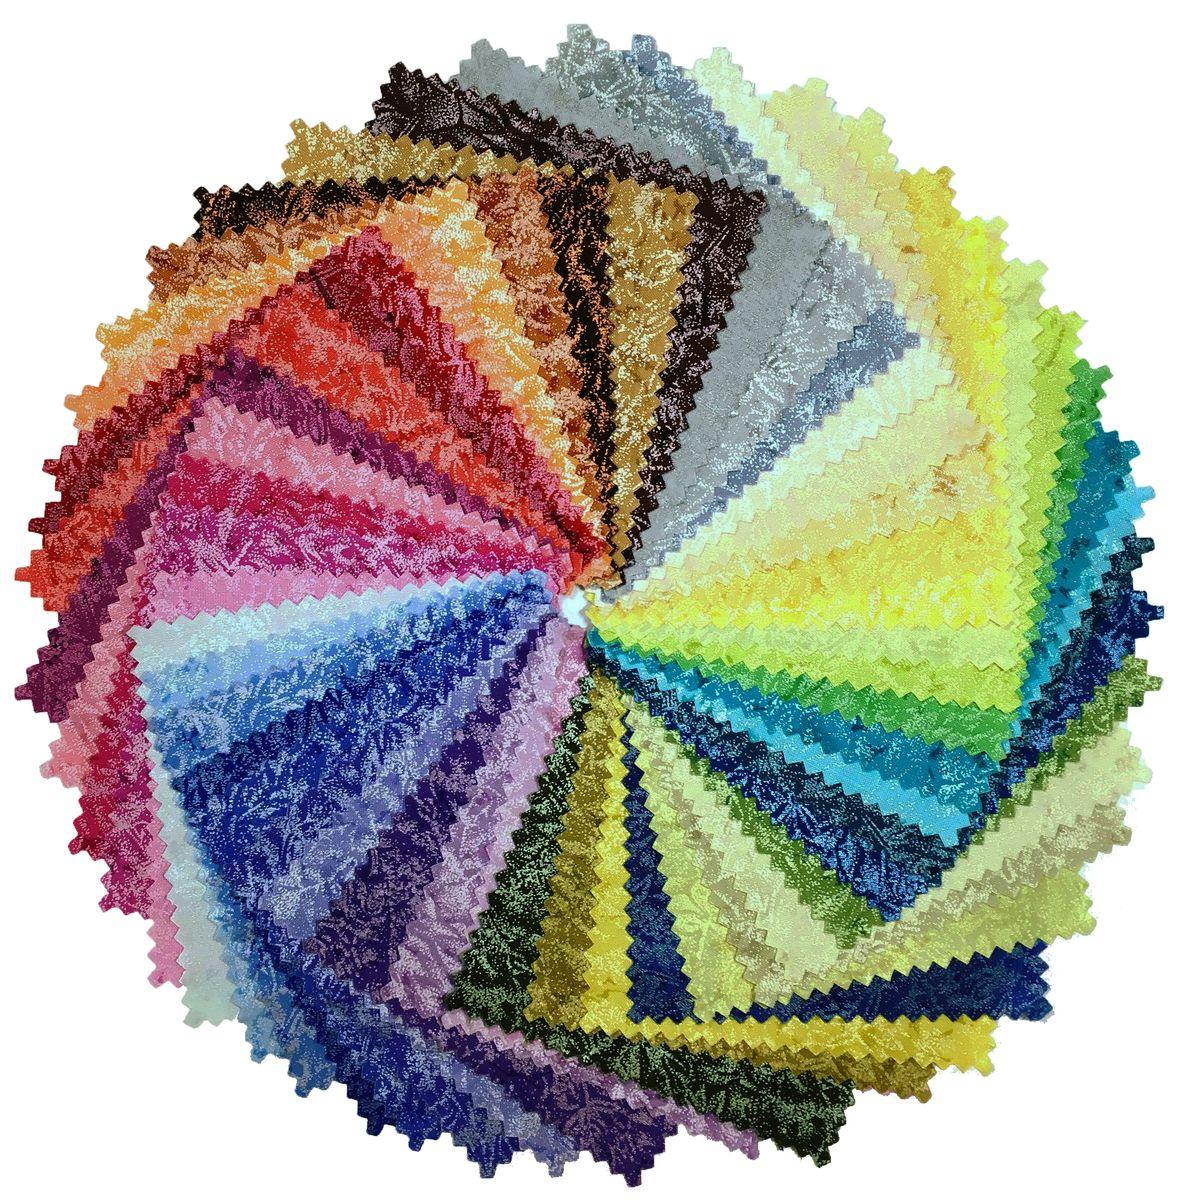 Набор лоскутов для пэчворка и лоскутных работ Michel Mille, 12,5 х 12,5 см, 51 шт. 233385233385